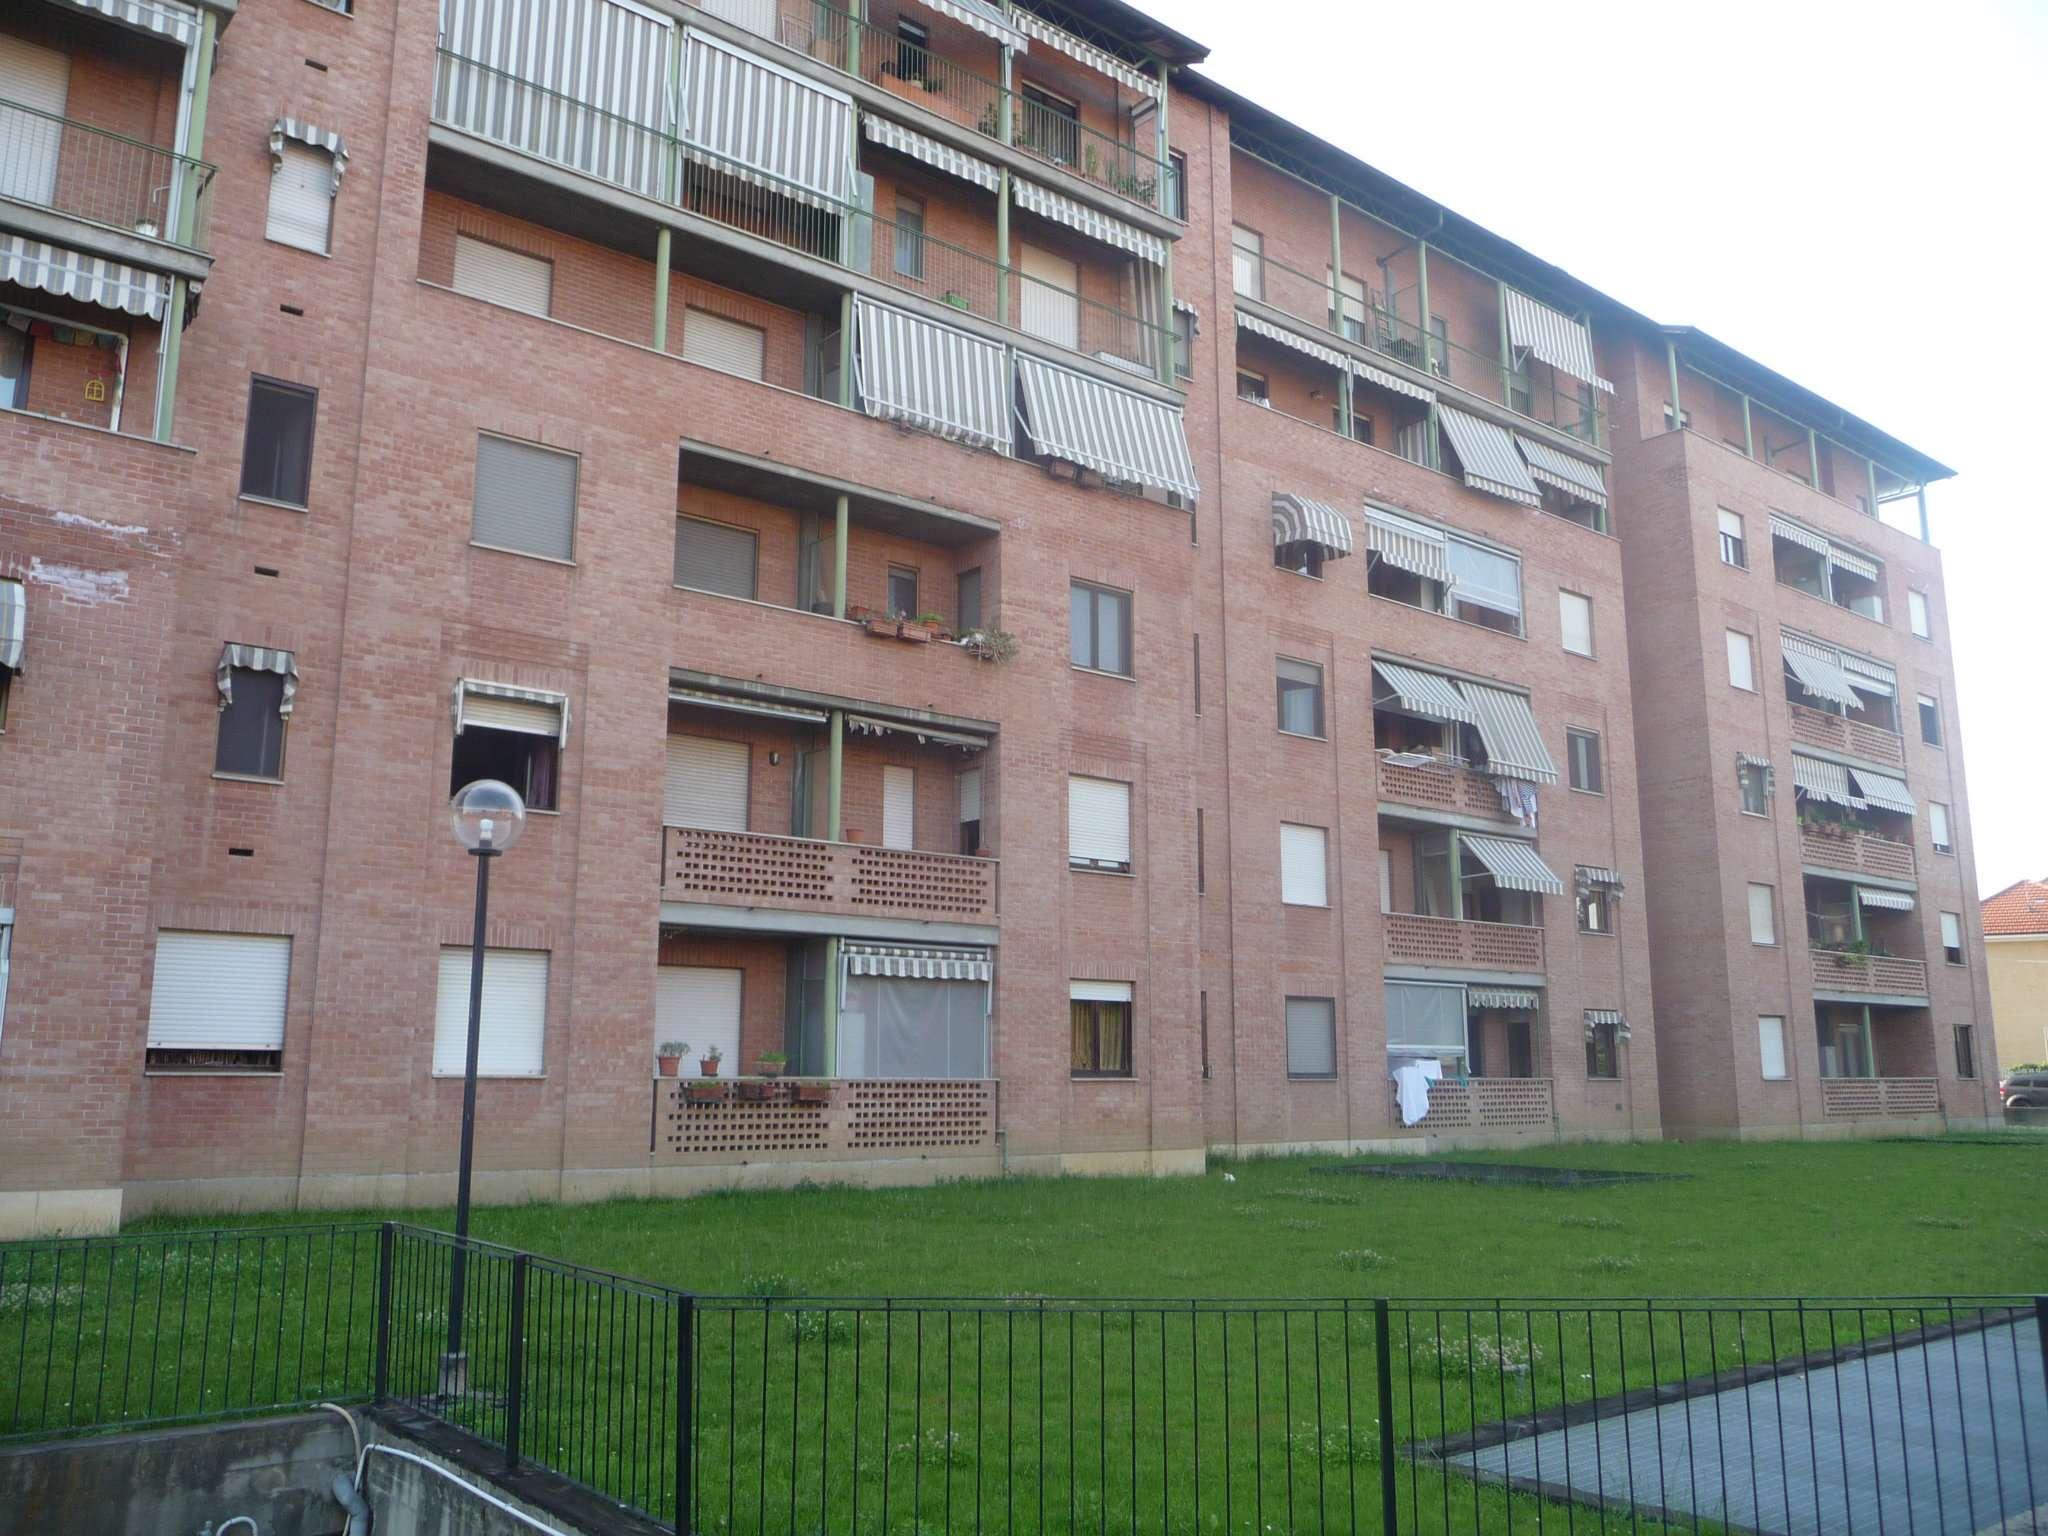 Appartamento in vendita a Grugliasco, 4 locali, prezzo € 200.000 | CambioCasa.it